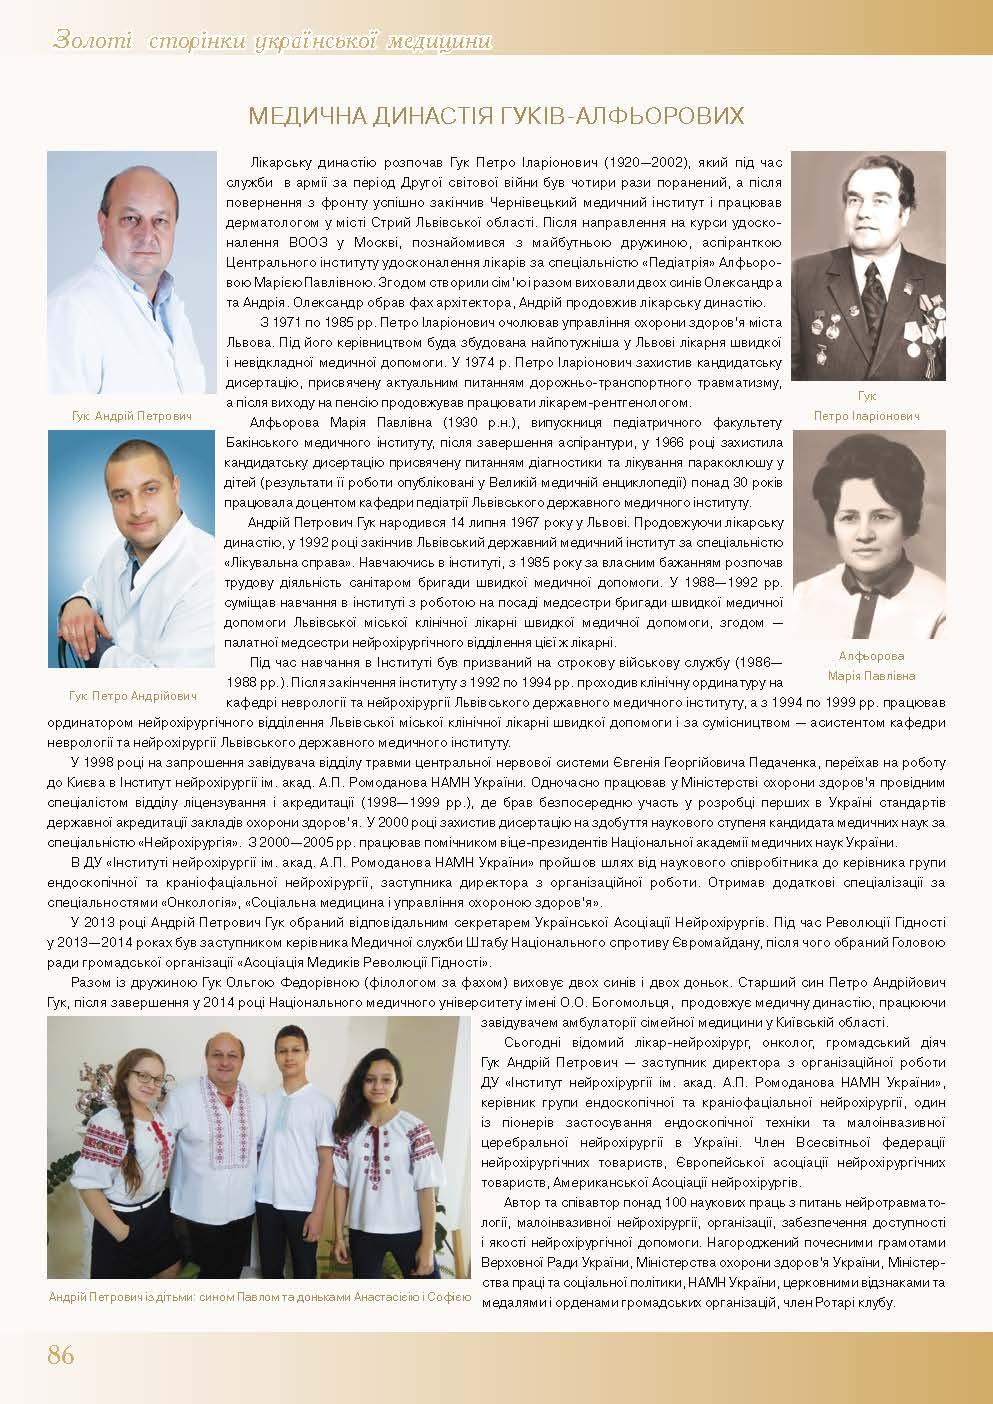 Медична династія Гуків-Алфьорових